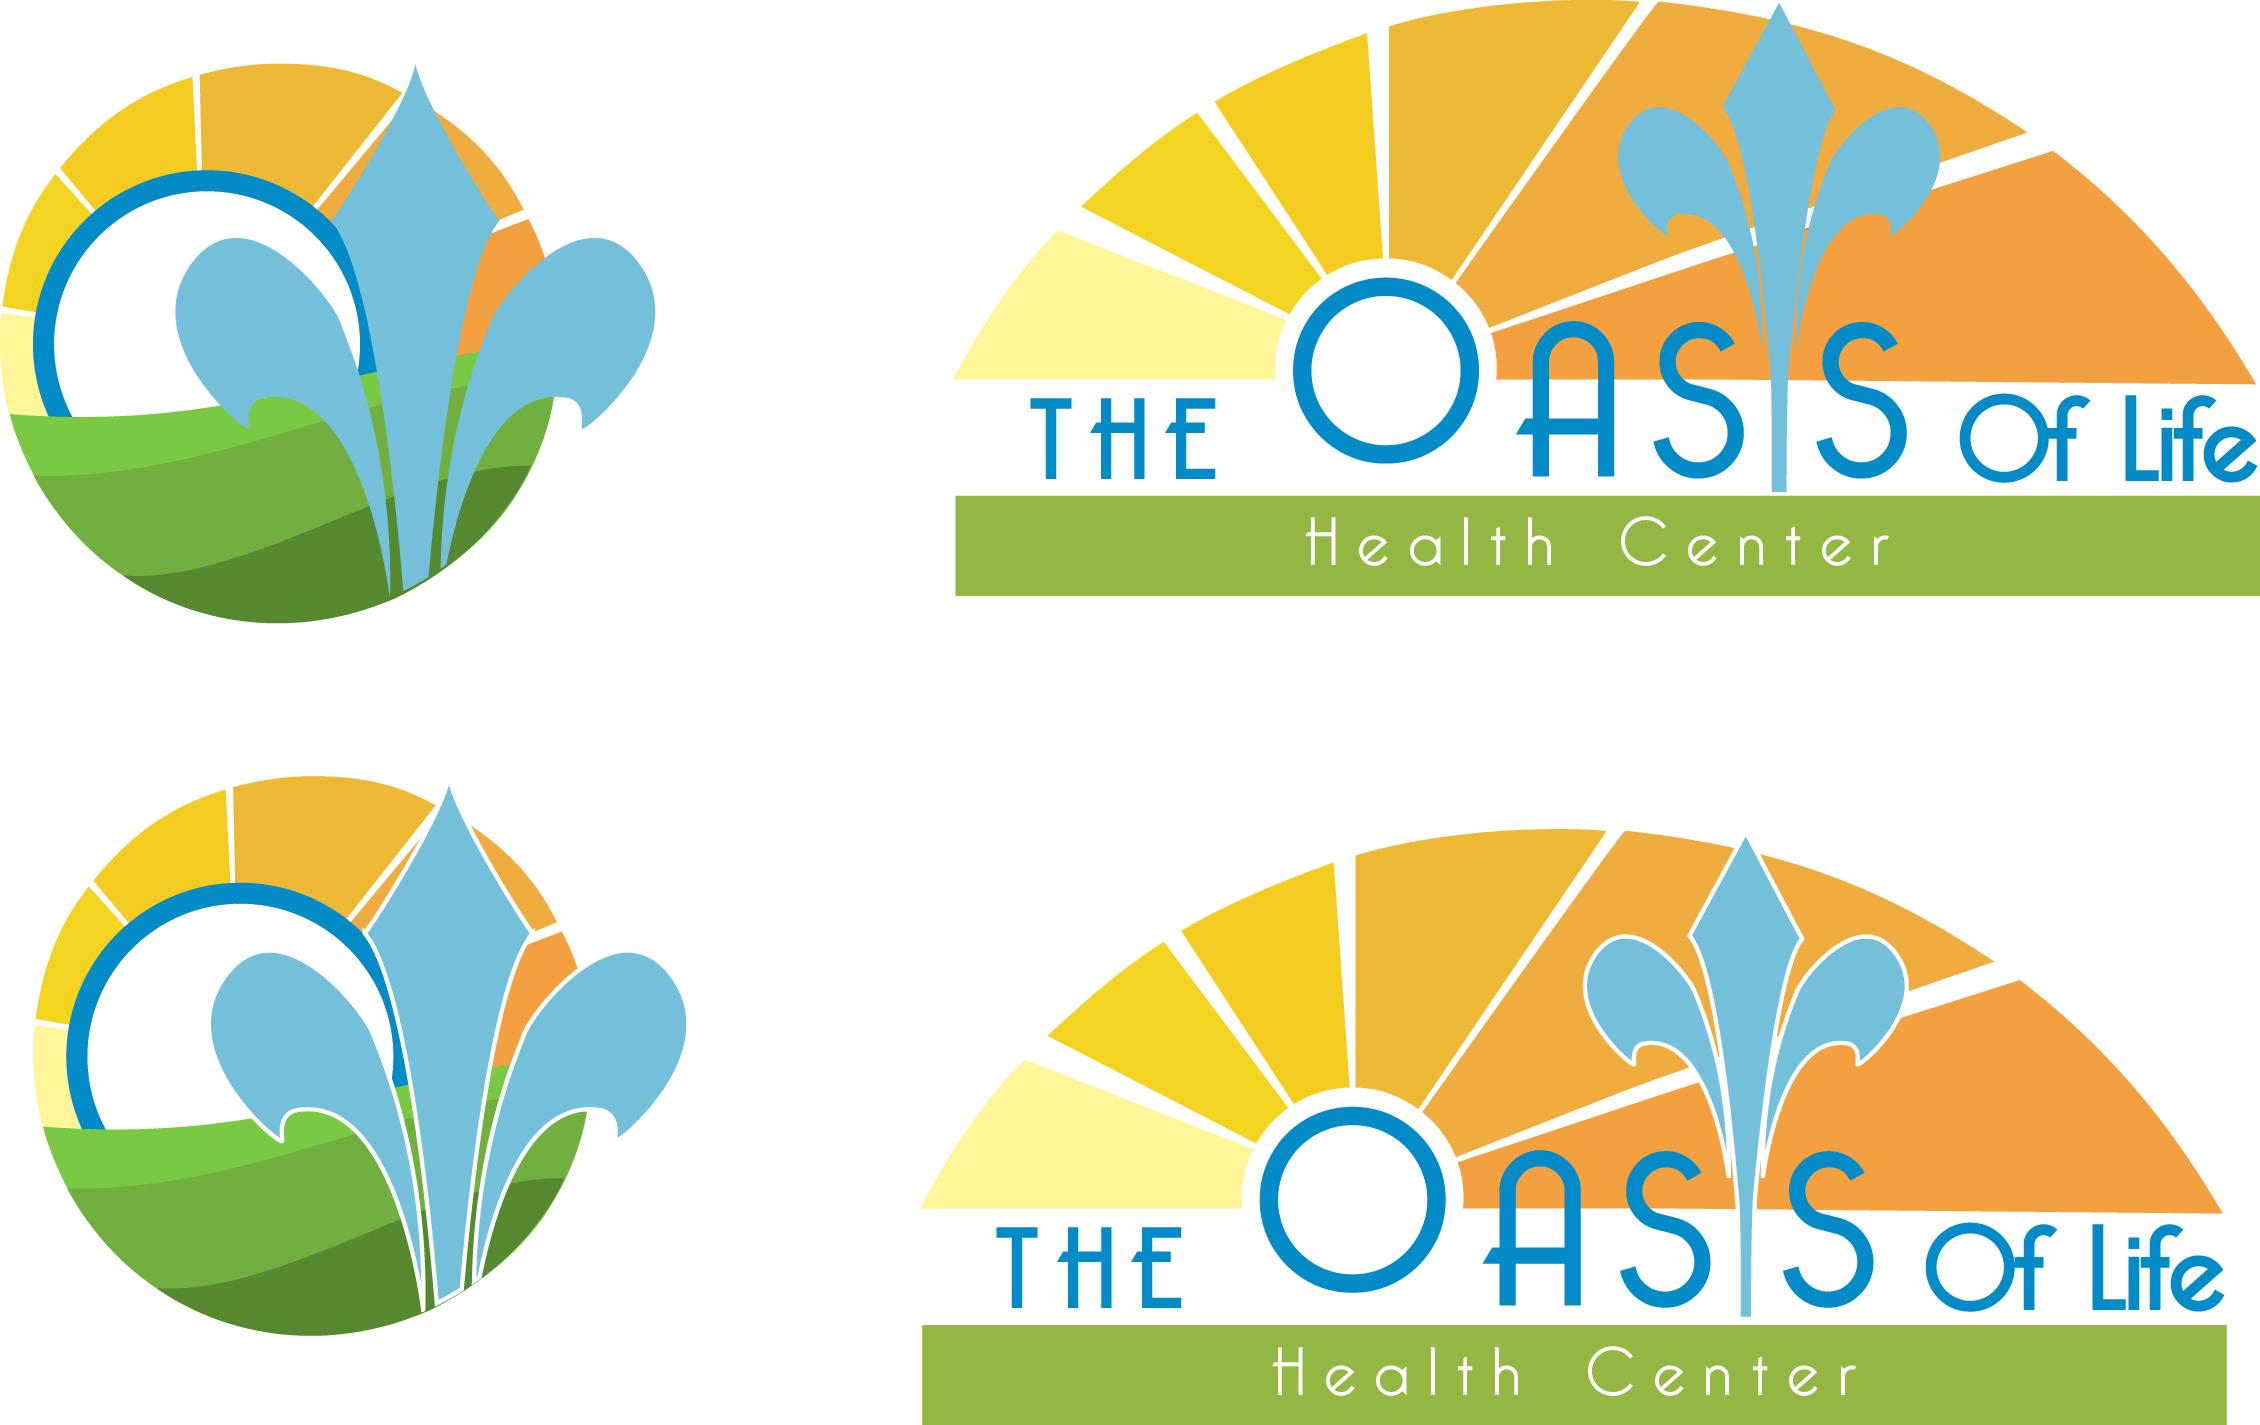 Création du logo pour l'entreprise the Oasis of life health centre